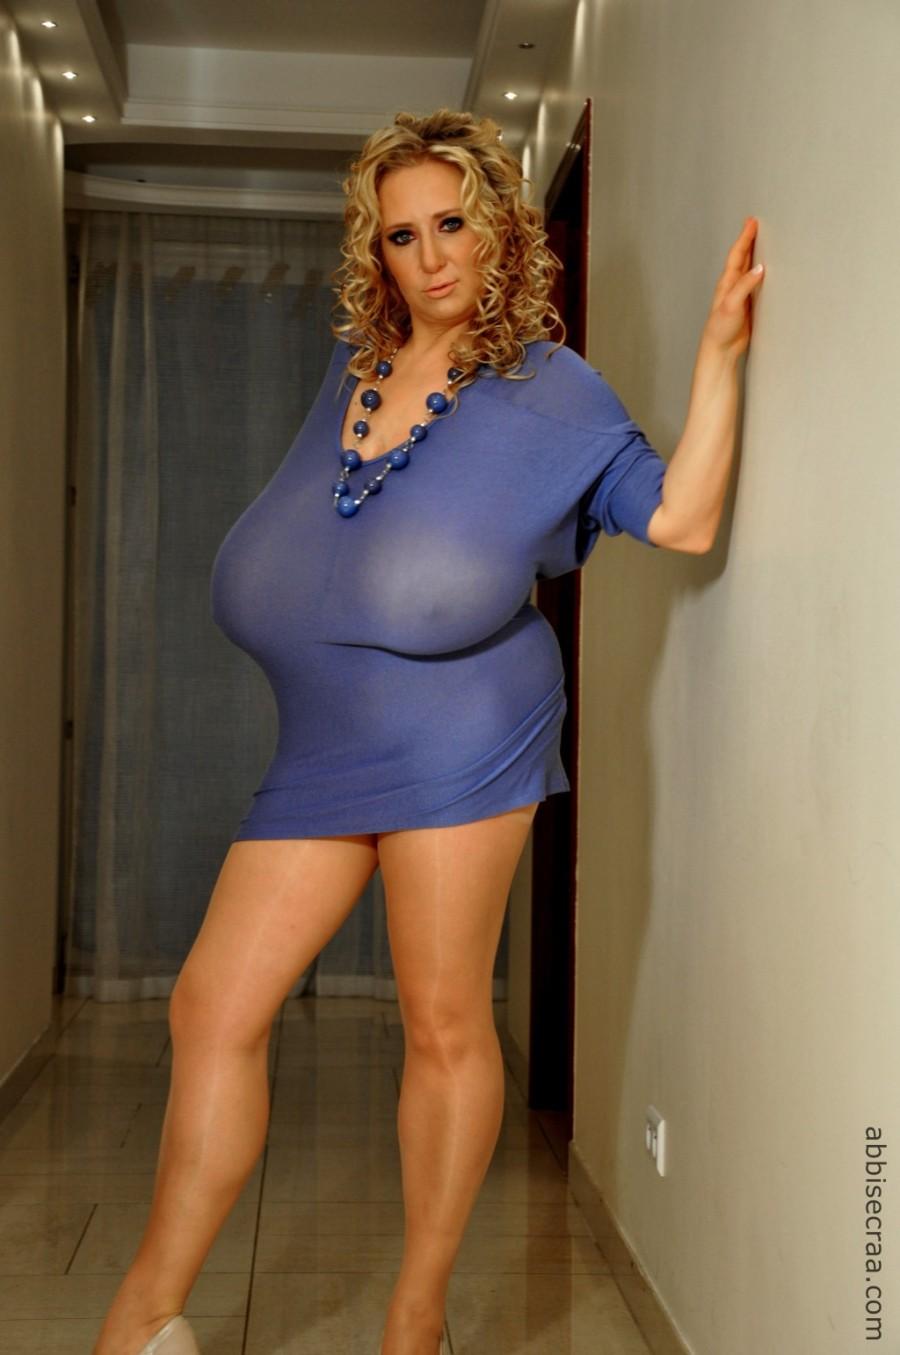 Slightly hidden sexiness - photos